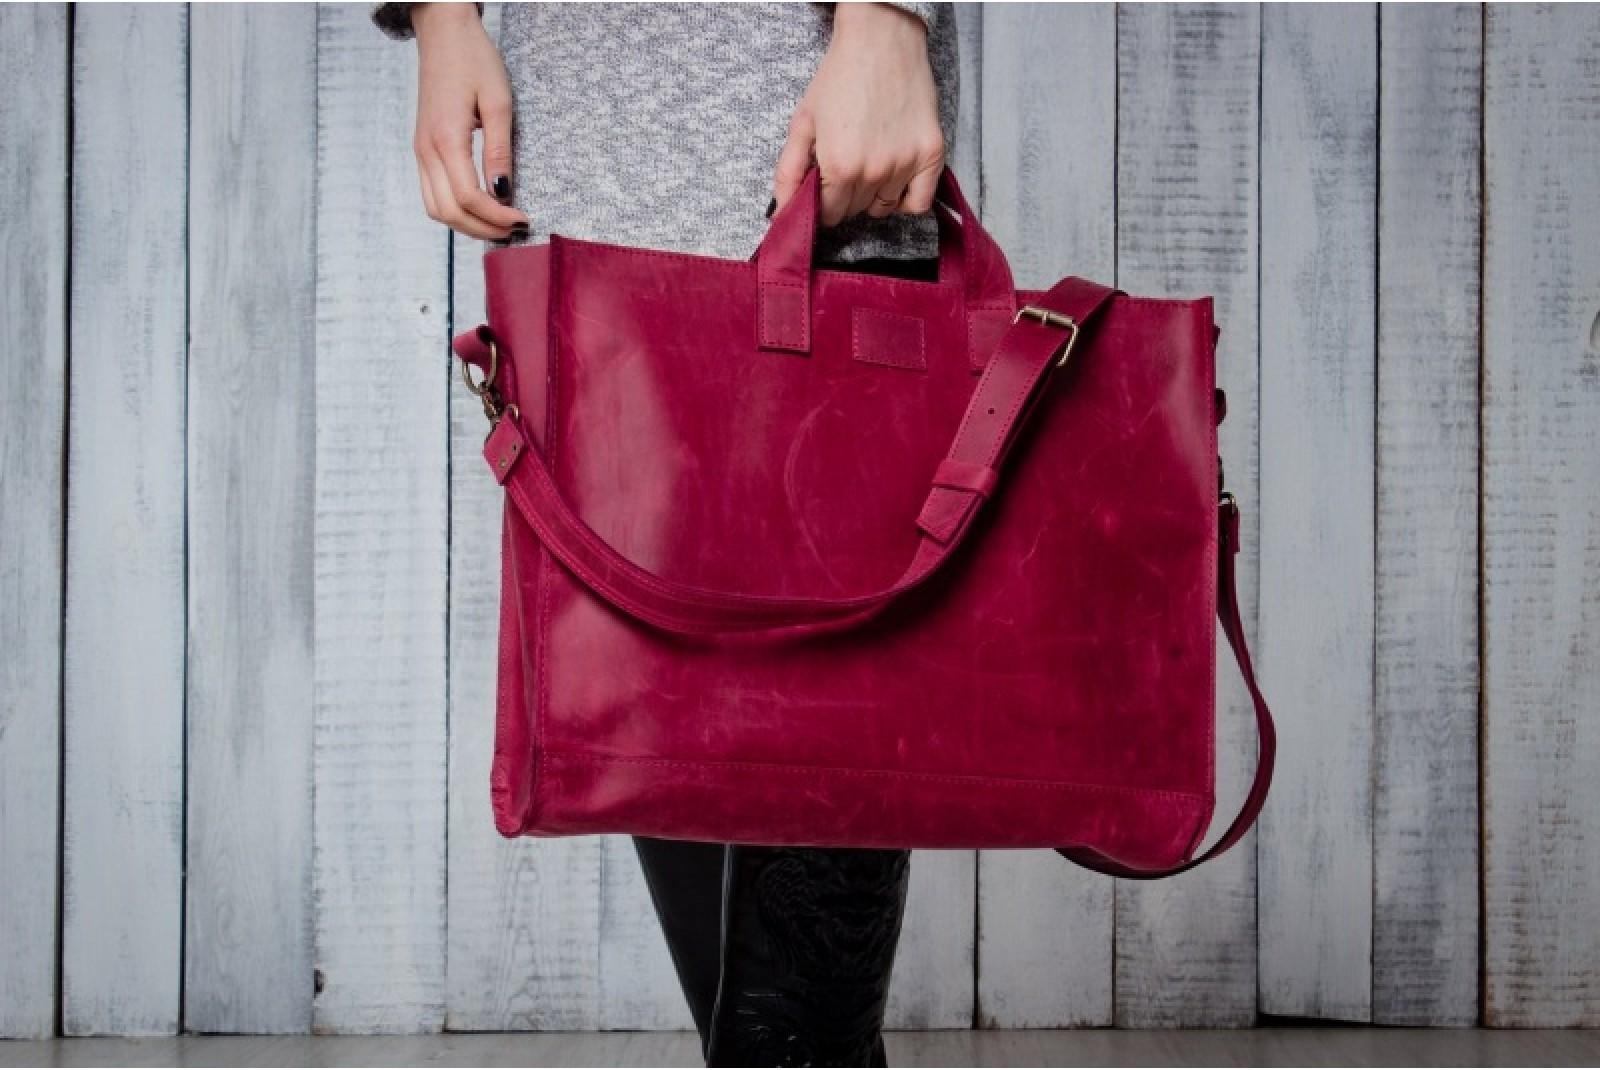 4711fdcfedac Squirrel's Bag шьет кожаные сумки. В производстве использует только  натуральные материалы украинского производства. Кроме сумок, можно купить  портмоне, ...